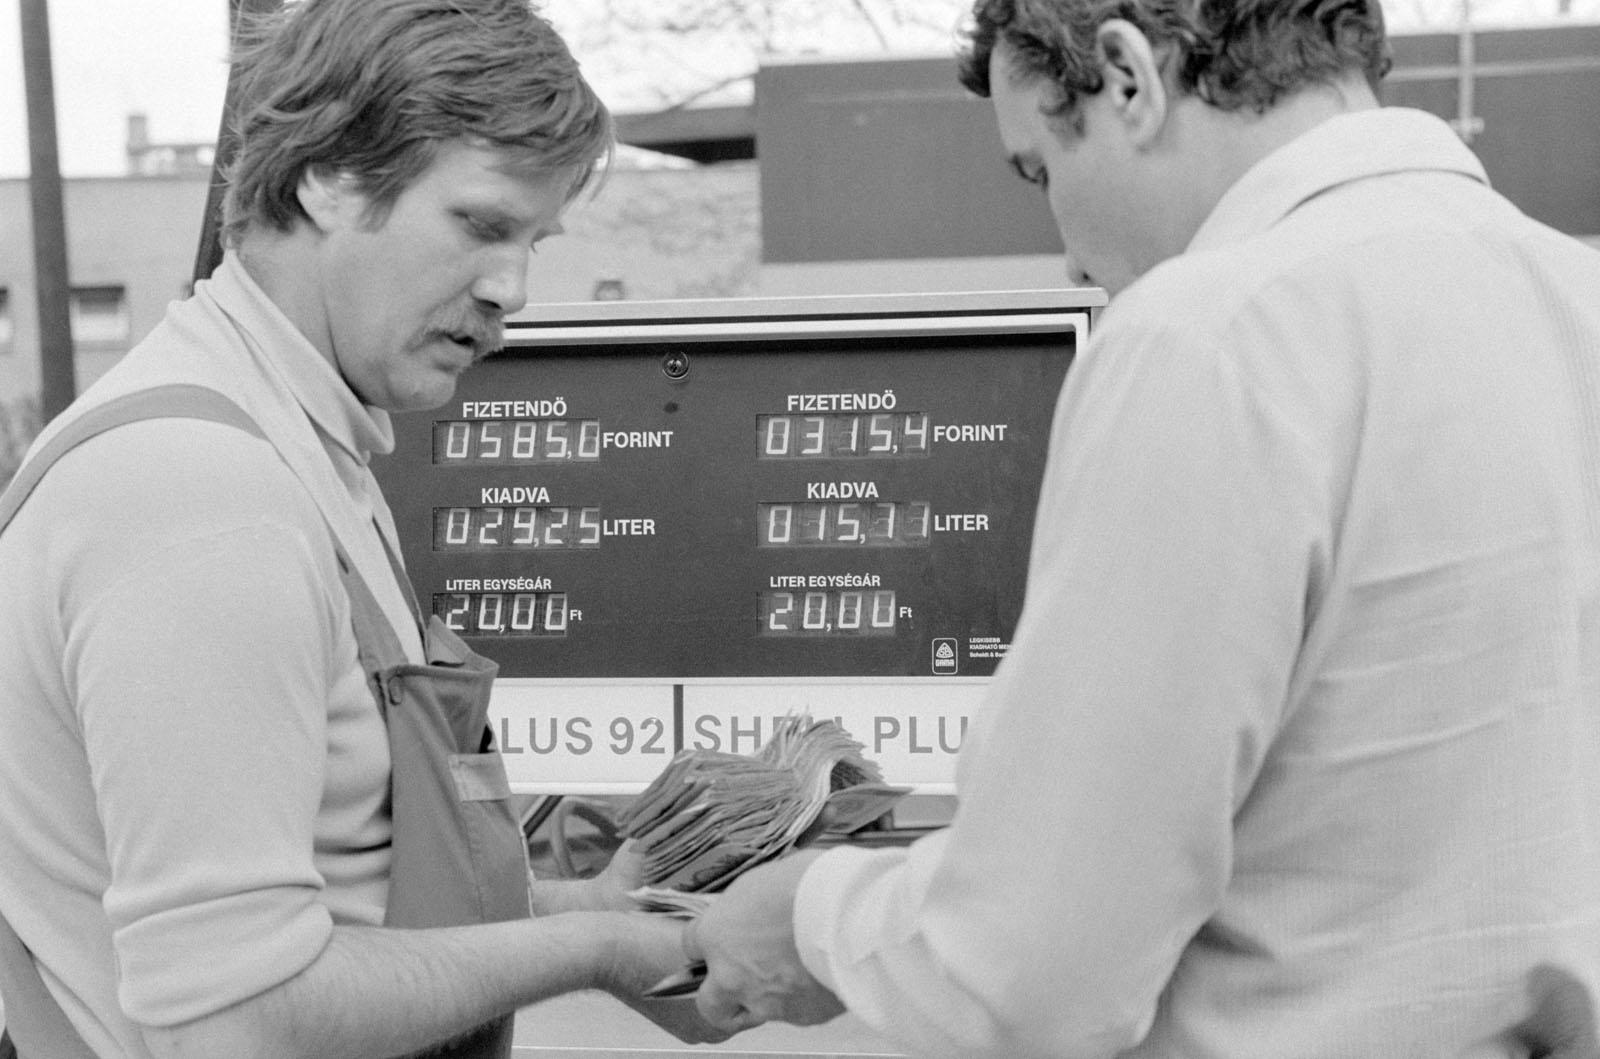 Budapest, 1983. április 22. Elektronikus vezérléssel mûködõ, digitális kijelzésû kútfej mutatja a tankolt üzemanyagot és a fizetendõ összeget, mely alapján a benzinkutas átveszi a pénzt az autóstól az Interag Rt. Alkotás utcai Shell töltõállomásánál. MTI Fotó: E. Várkonyi Péter